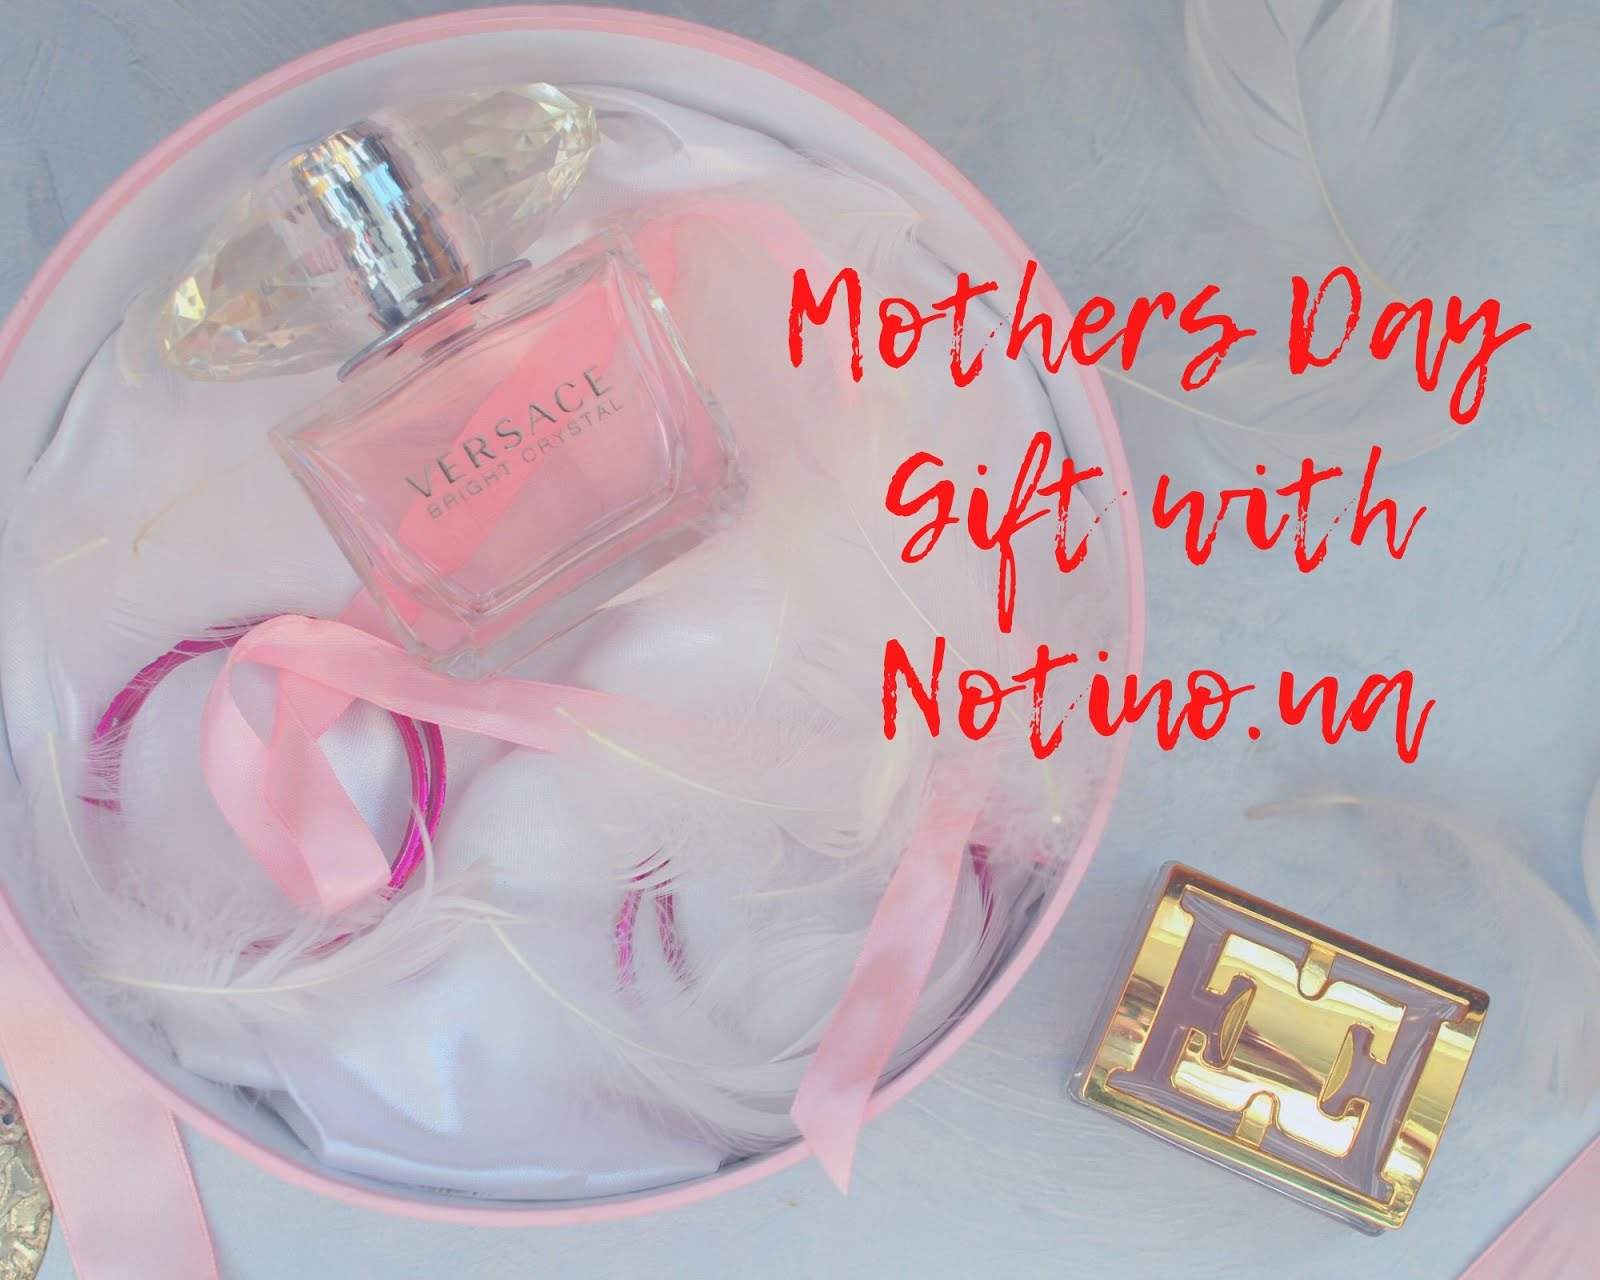 Подарунок на День матері \ Mothers Day Gift with Notino.ua